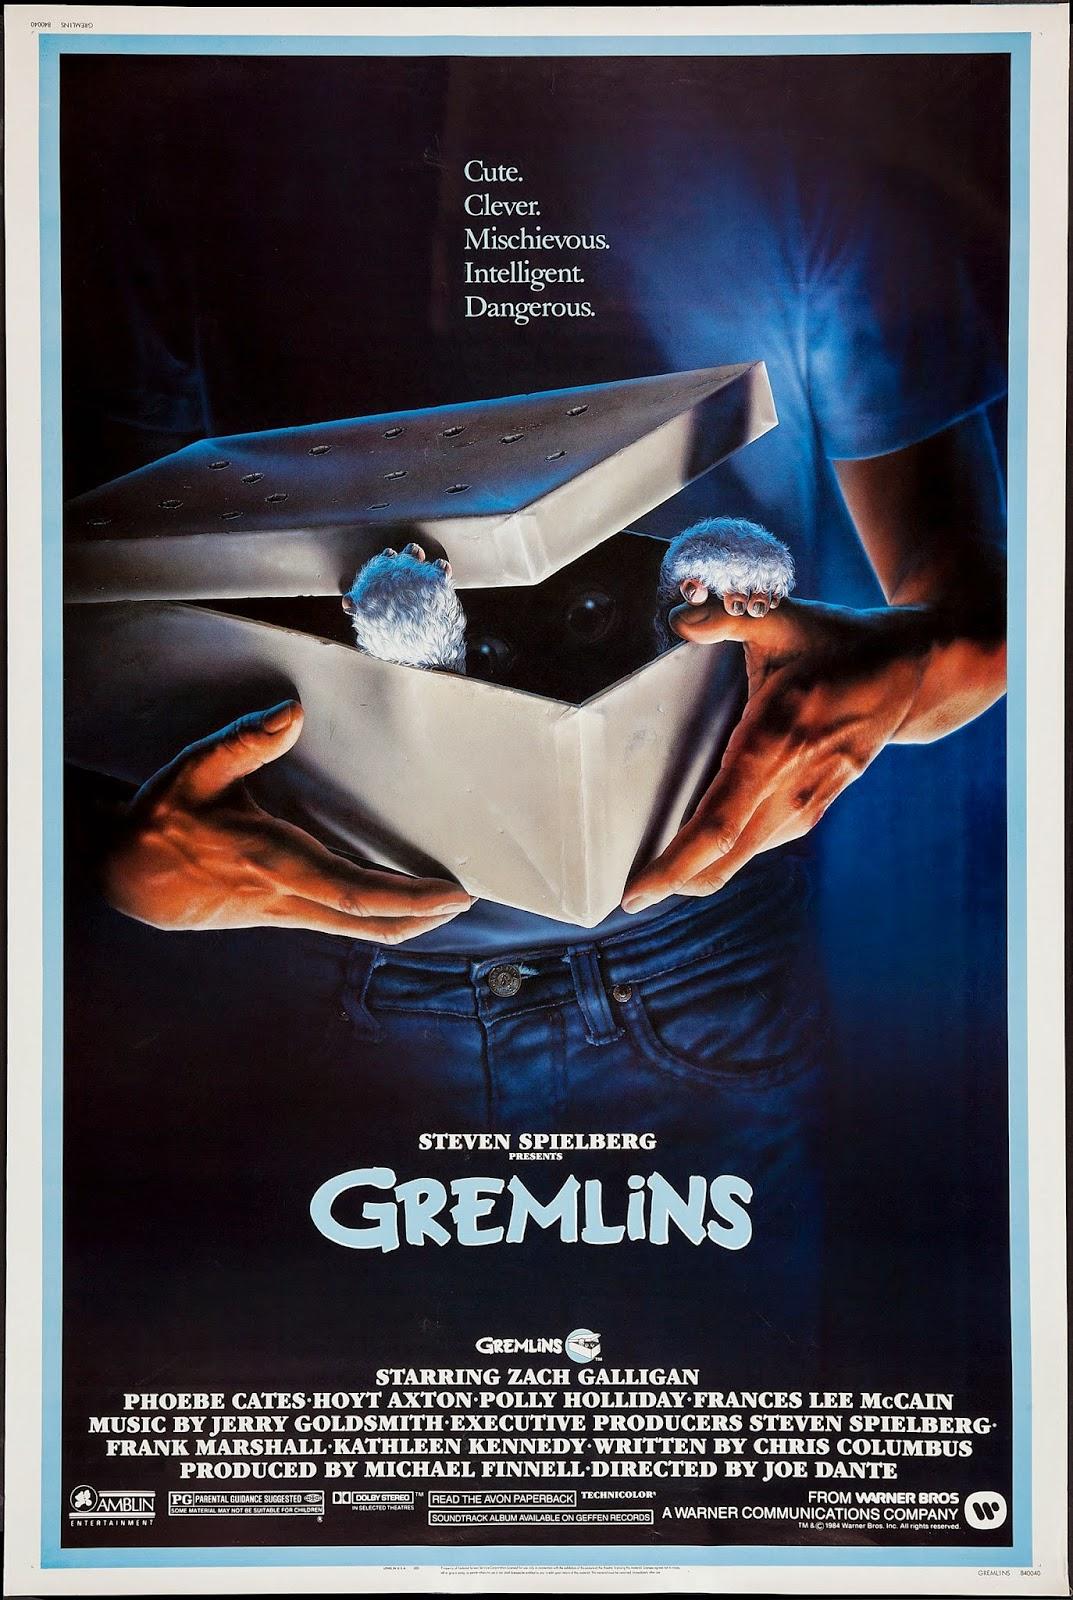 5. Gremlins (1984)